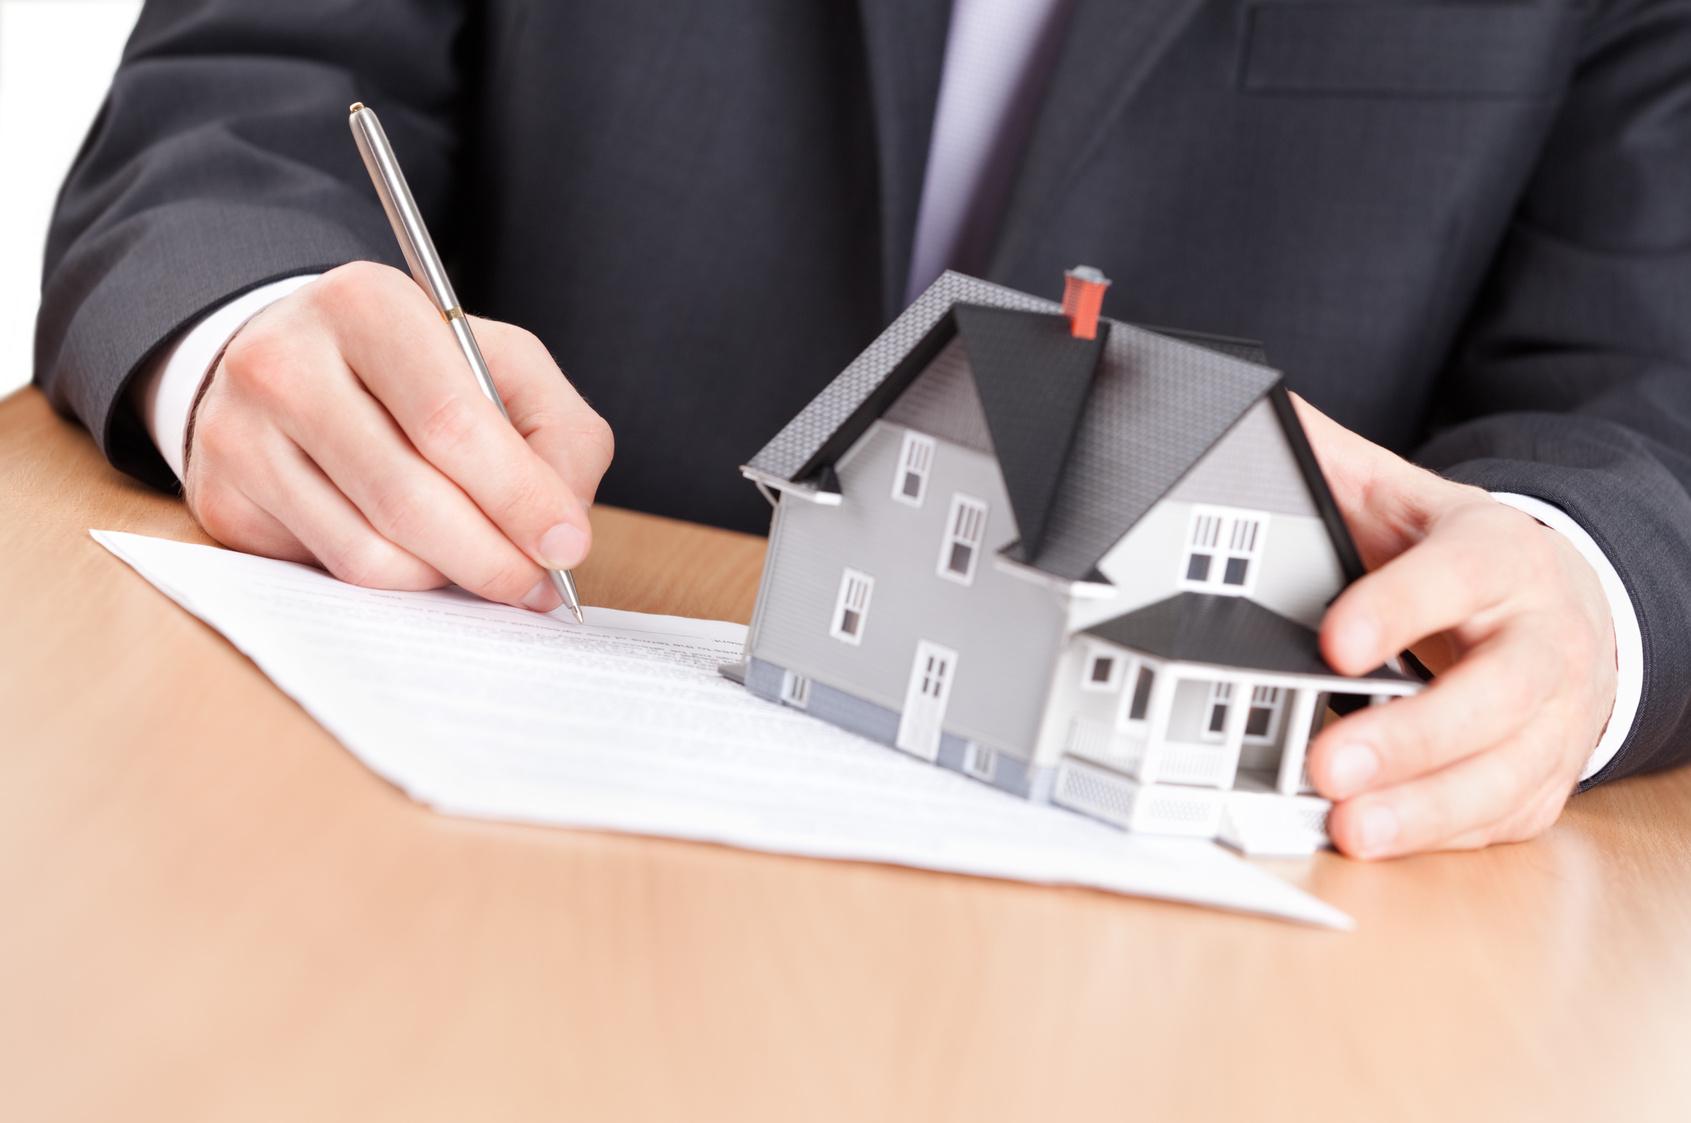 гос регистрация аренды недвижимости